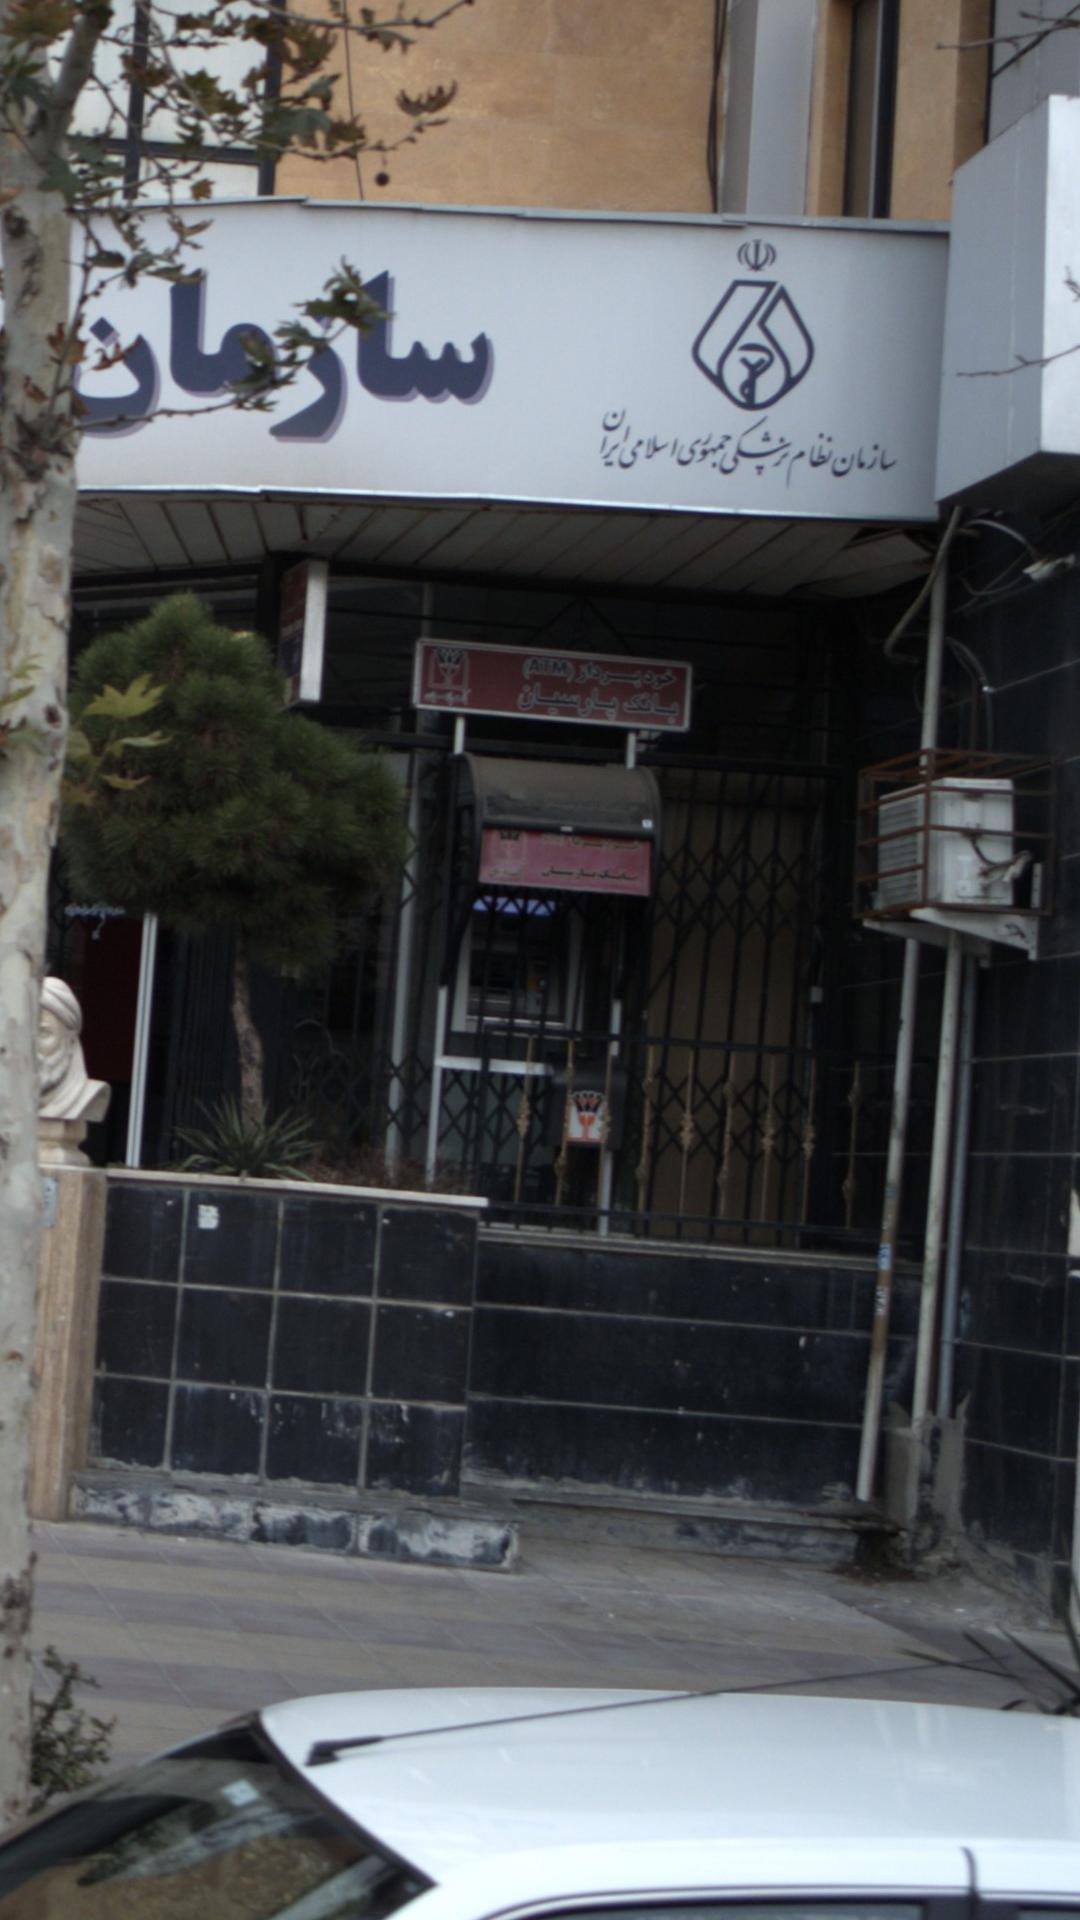 خودپرداز بانک پارسیان